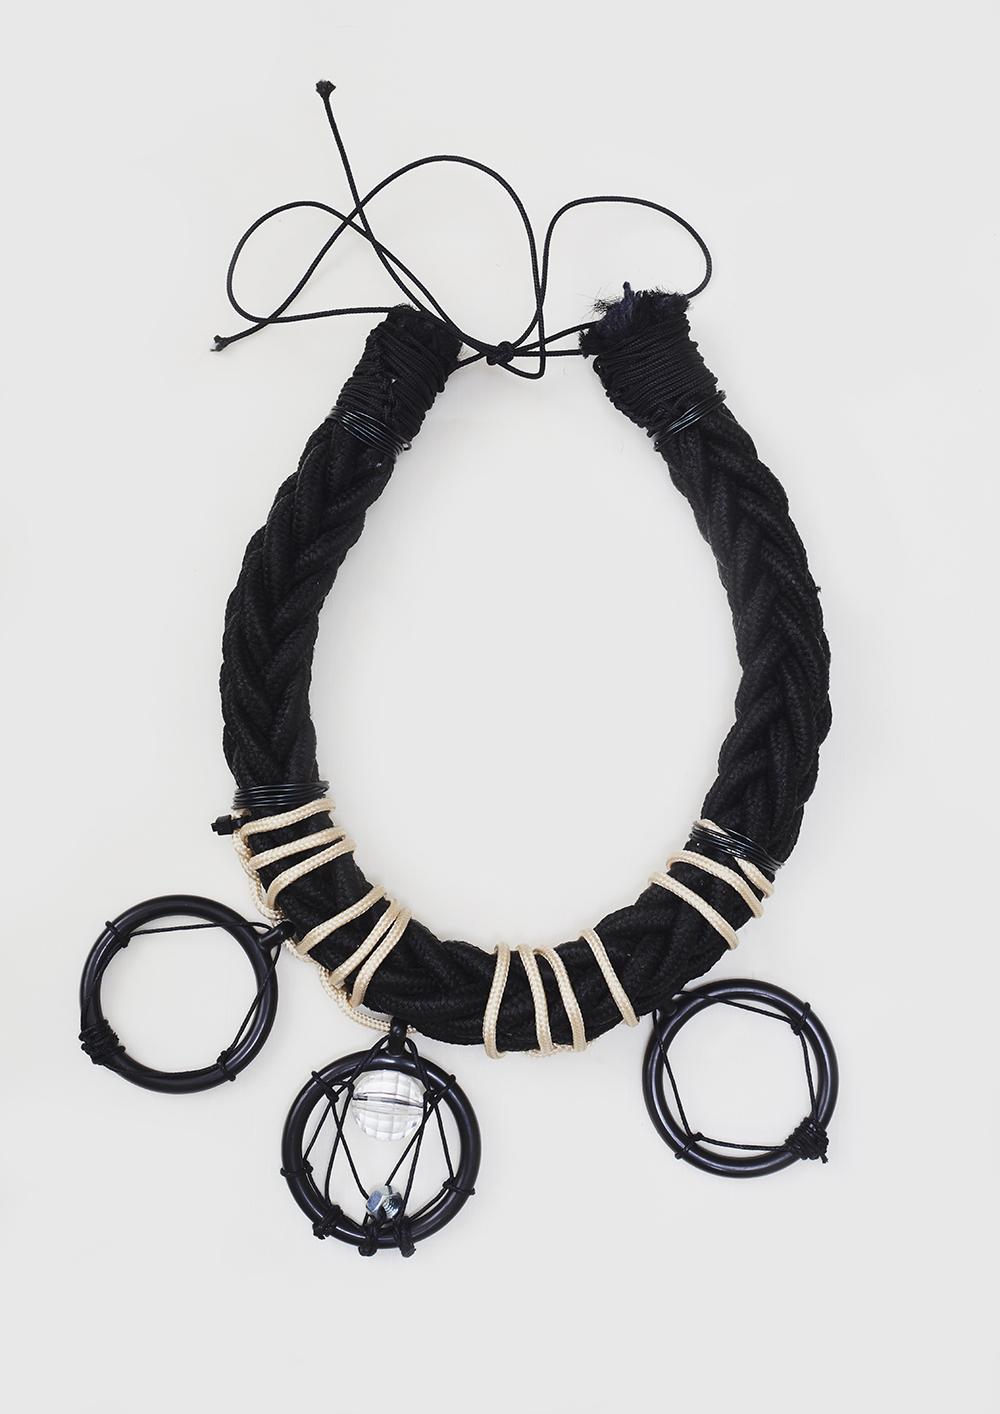 Blackoutlabel necklaces unforgivable sinner 738